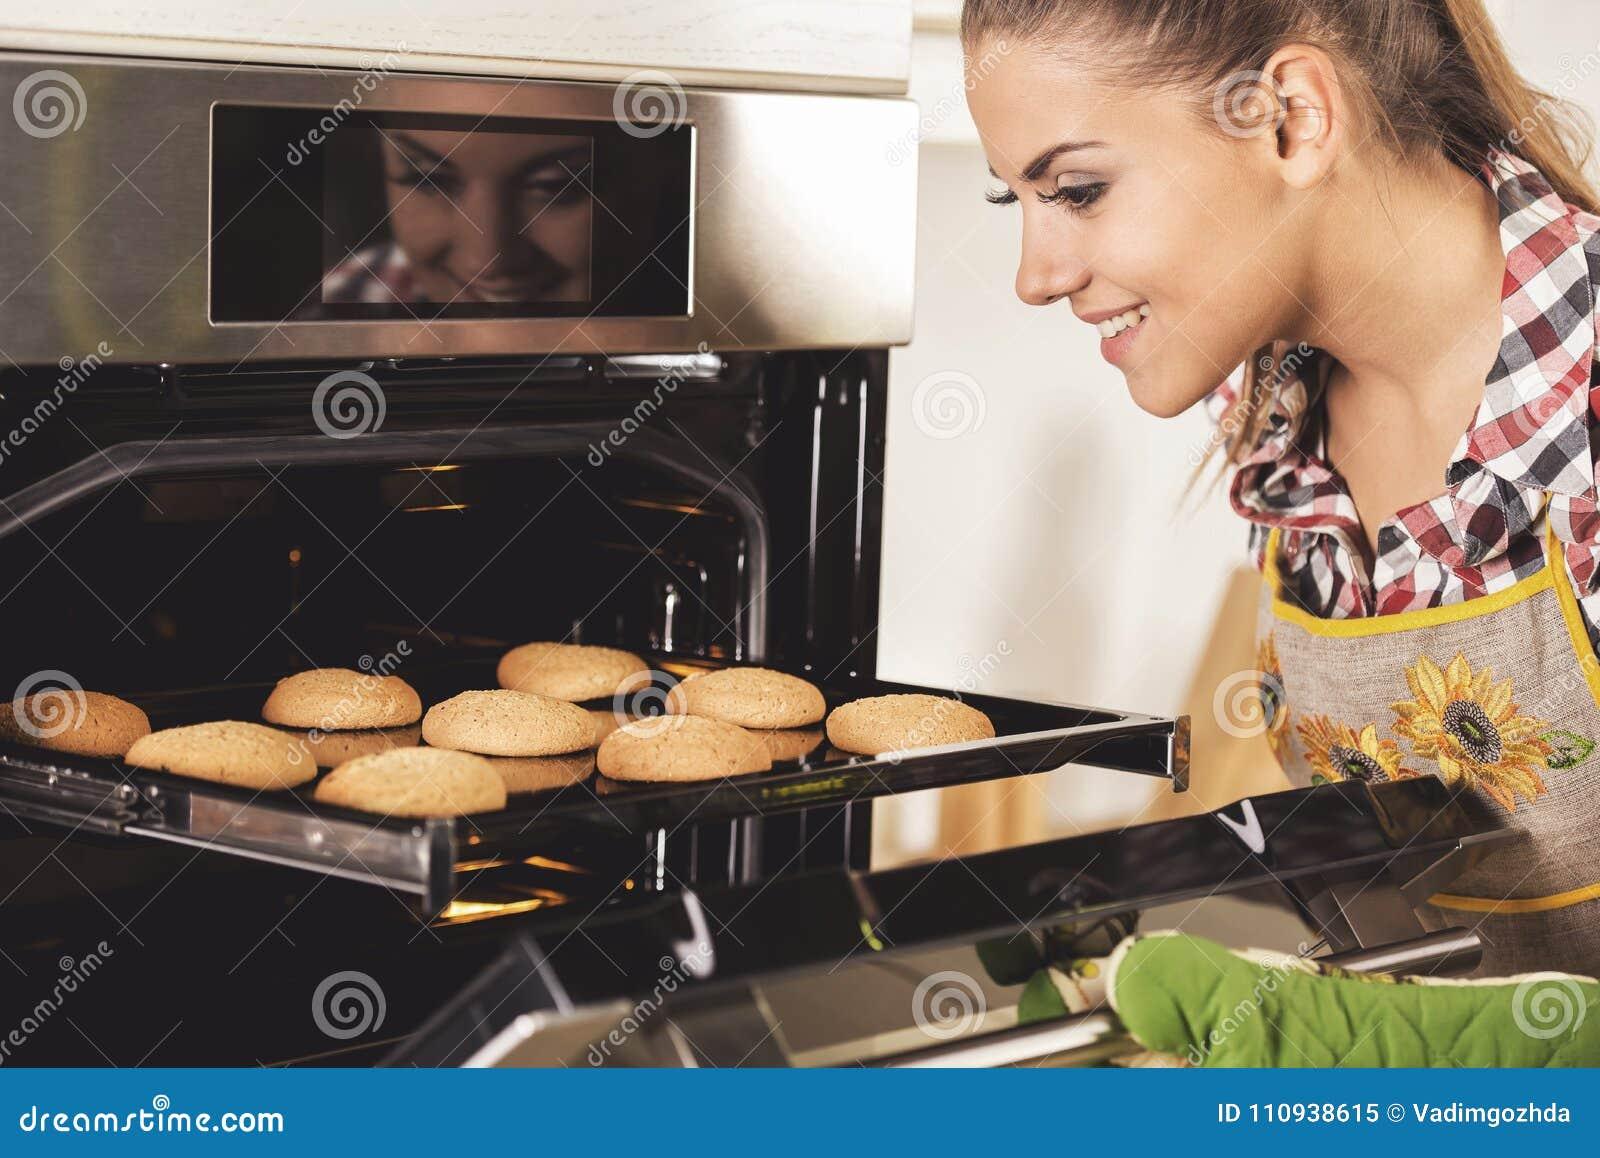 La mujer hermosa joven tira de las galletas del horno